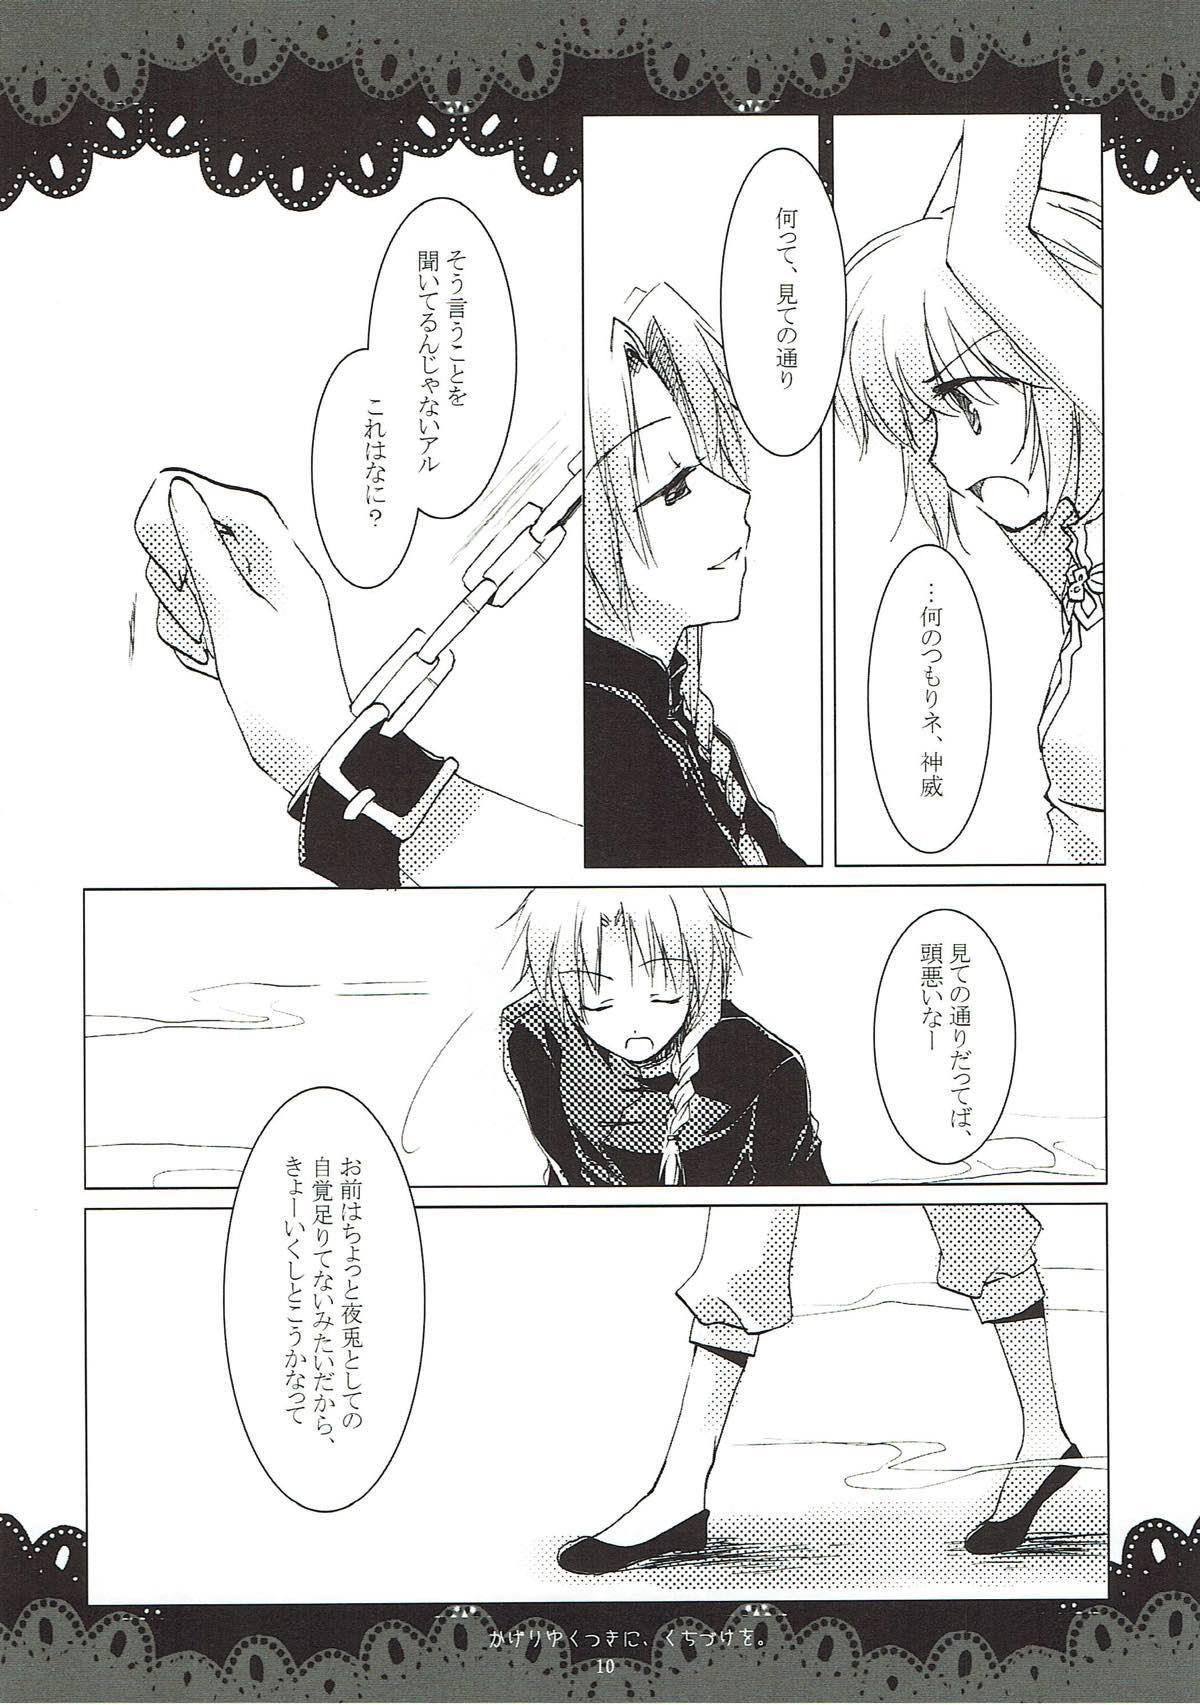 Kageriyuku Tsuki ni, Kuchizuke o. 7